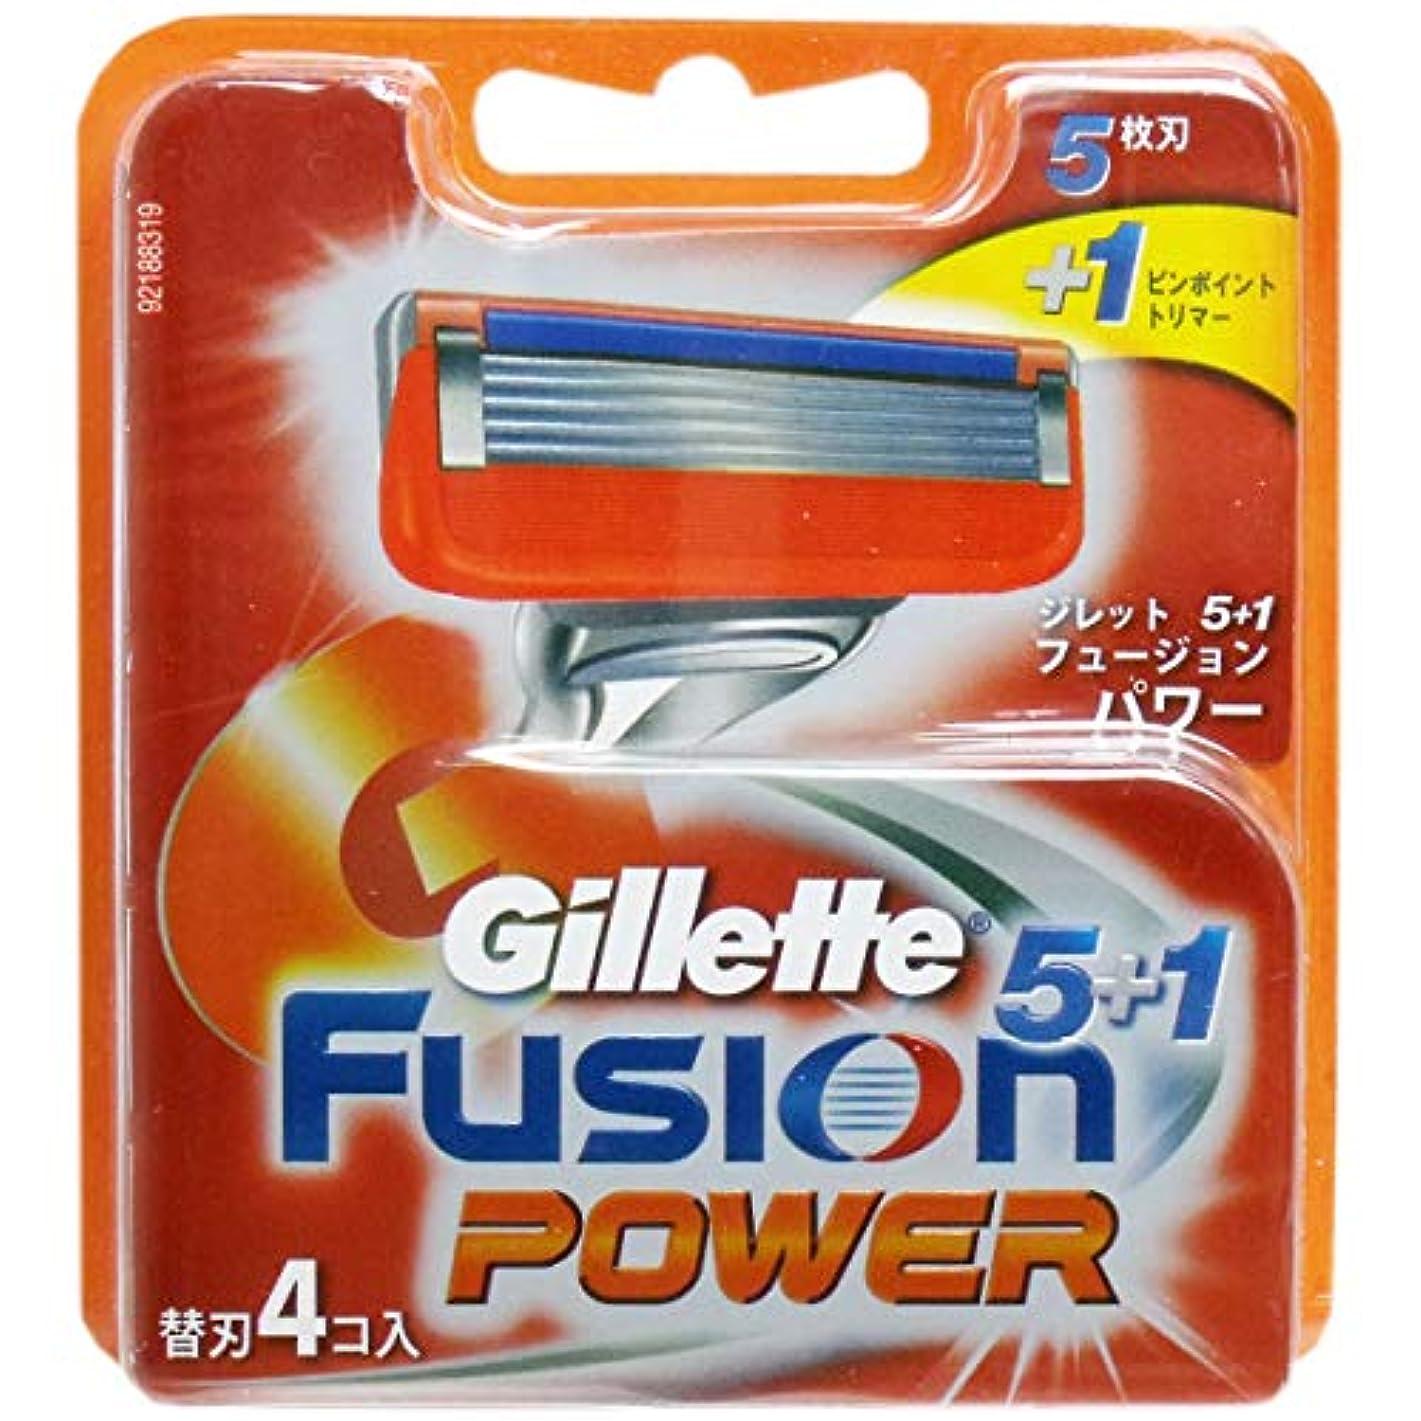 権利を与えるわずらわしいバリアジレット フュージョン5+1 パワー 替刃 4個入×5個セット